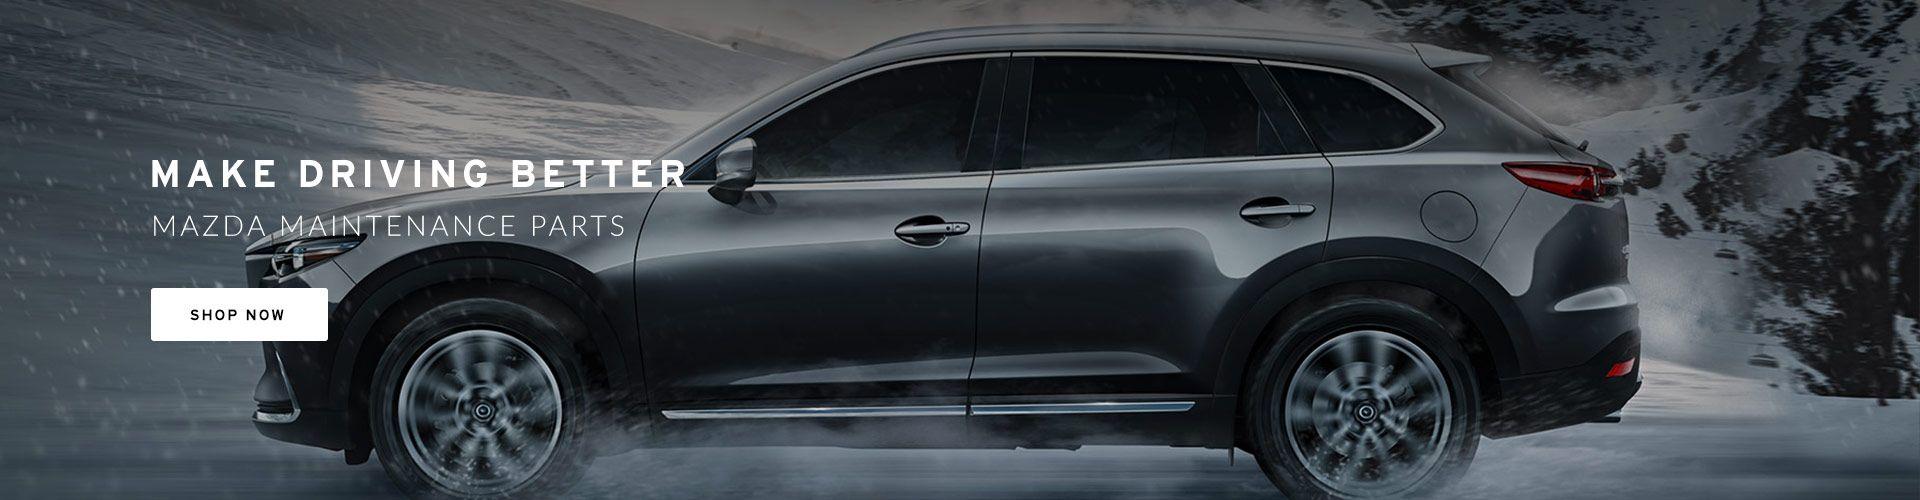 Mazda Maintenance